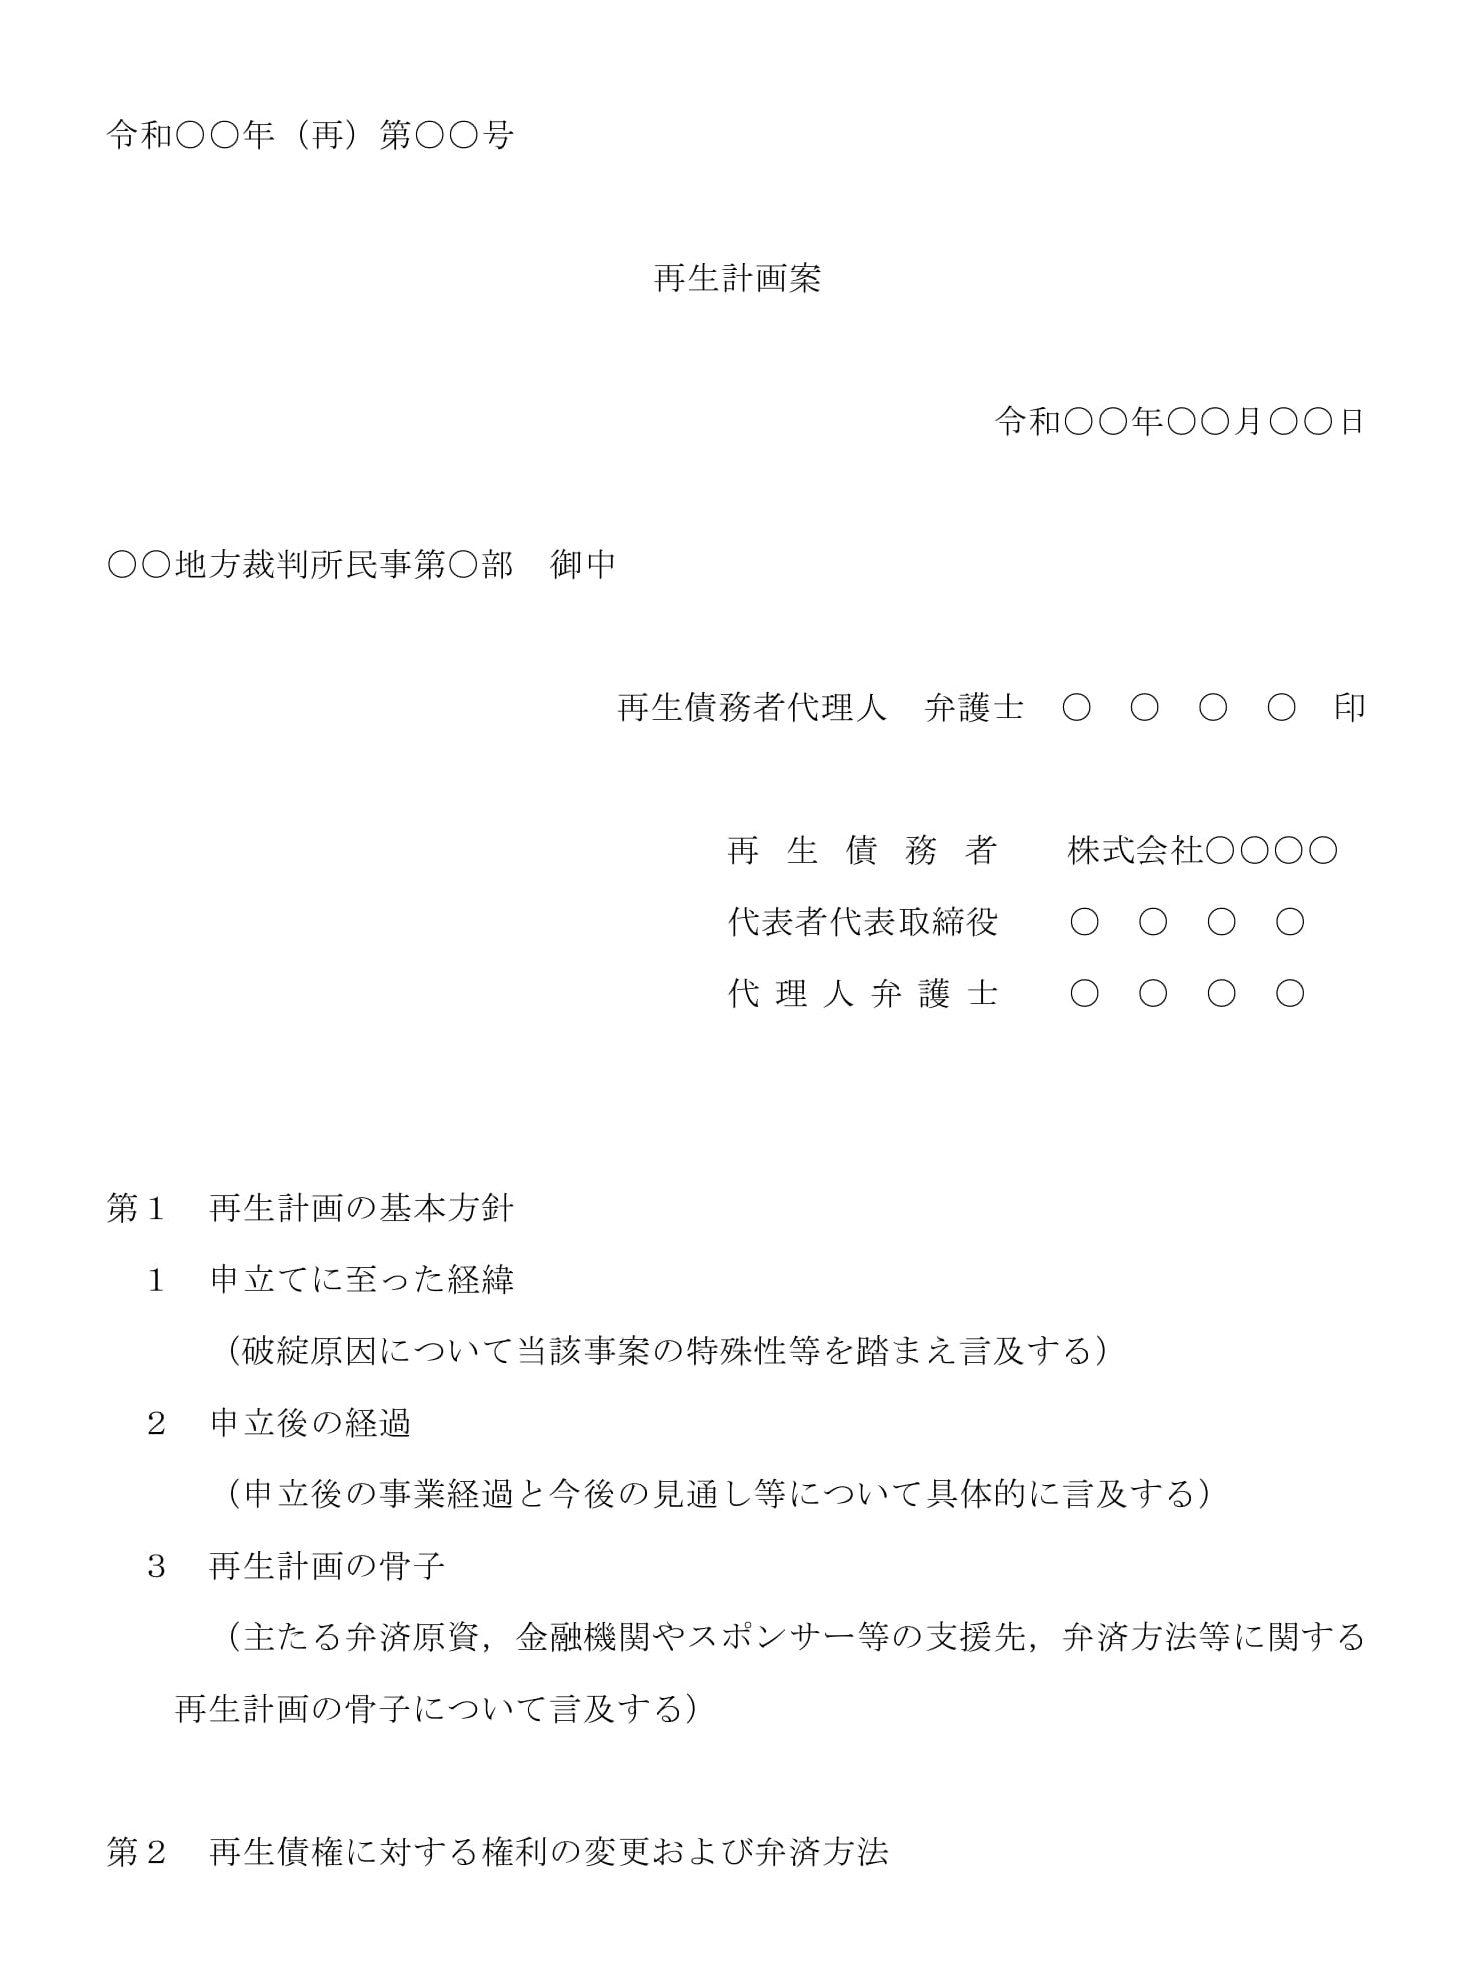 会員登録不要で無料でダウンロードできる再生計画案のテンプレート書式